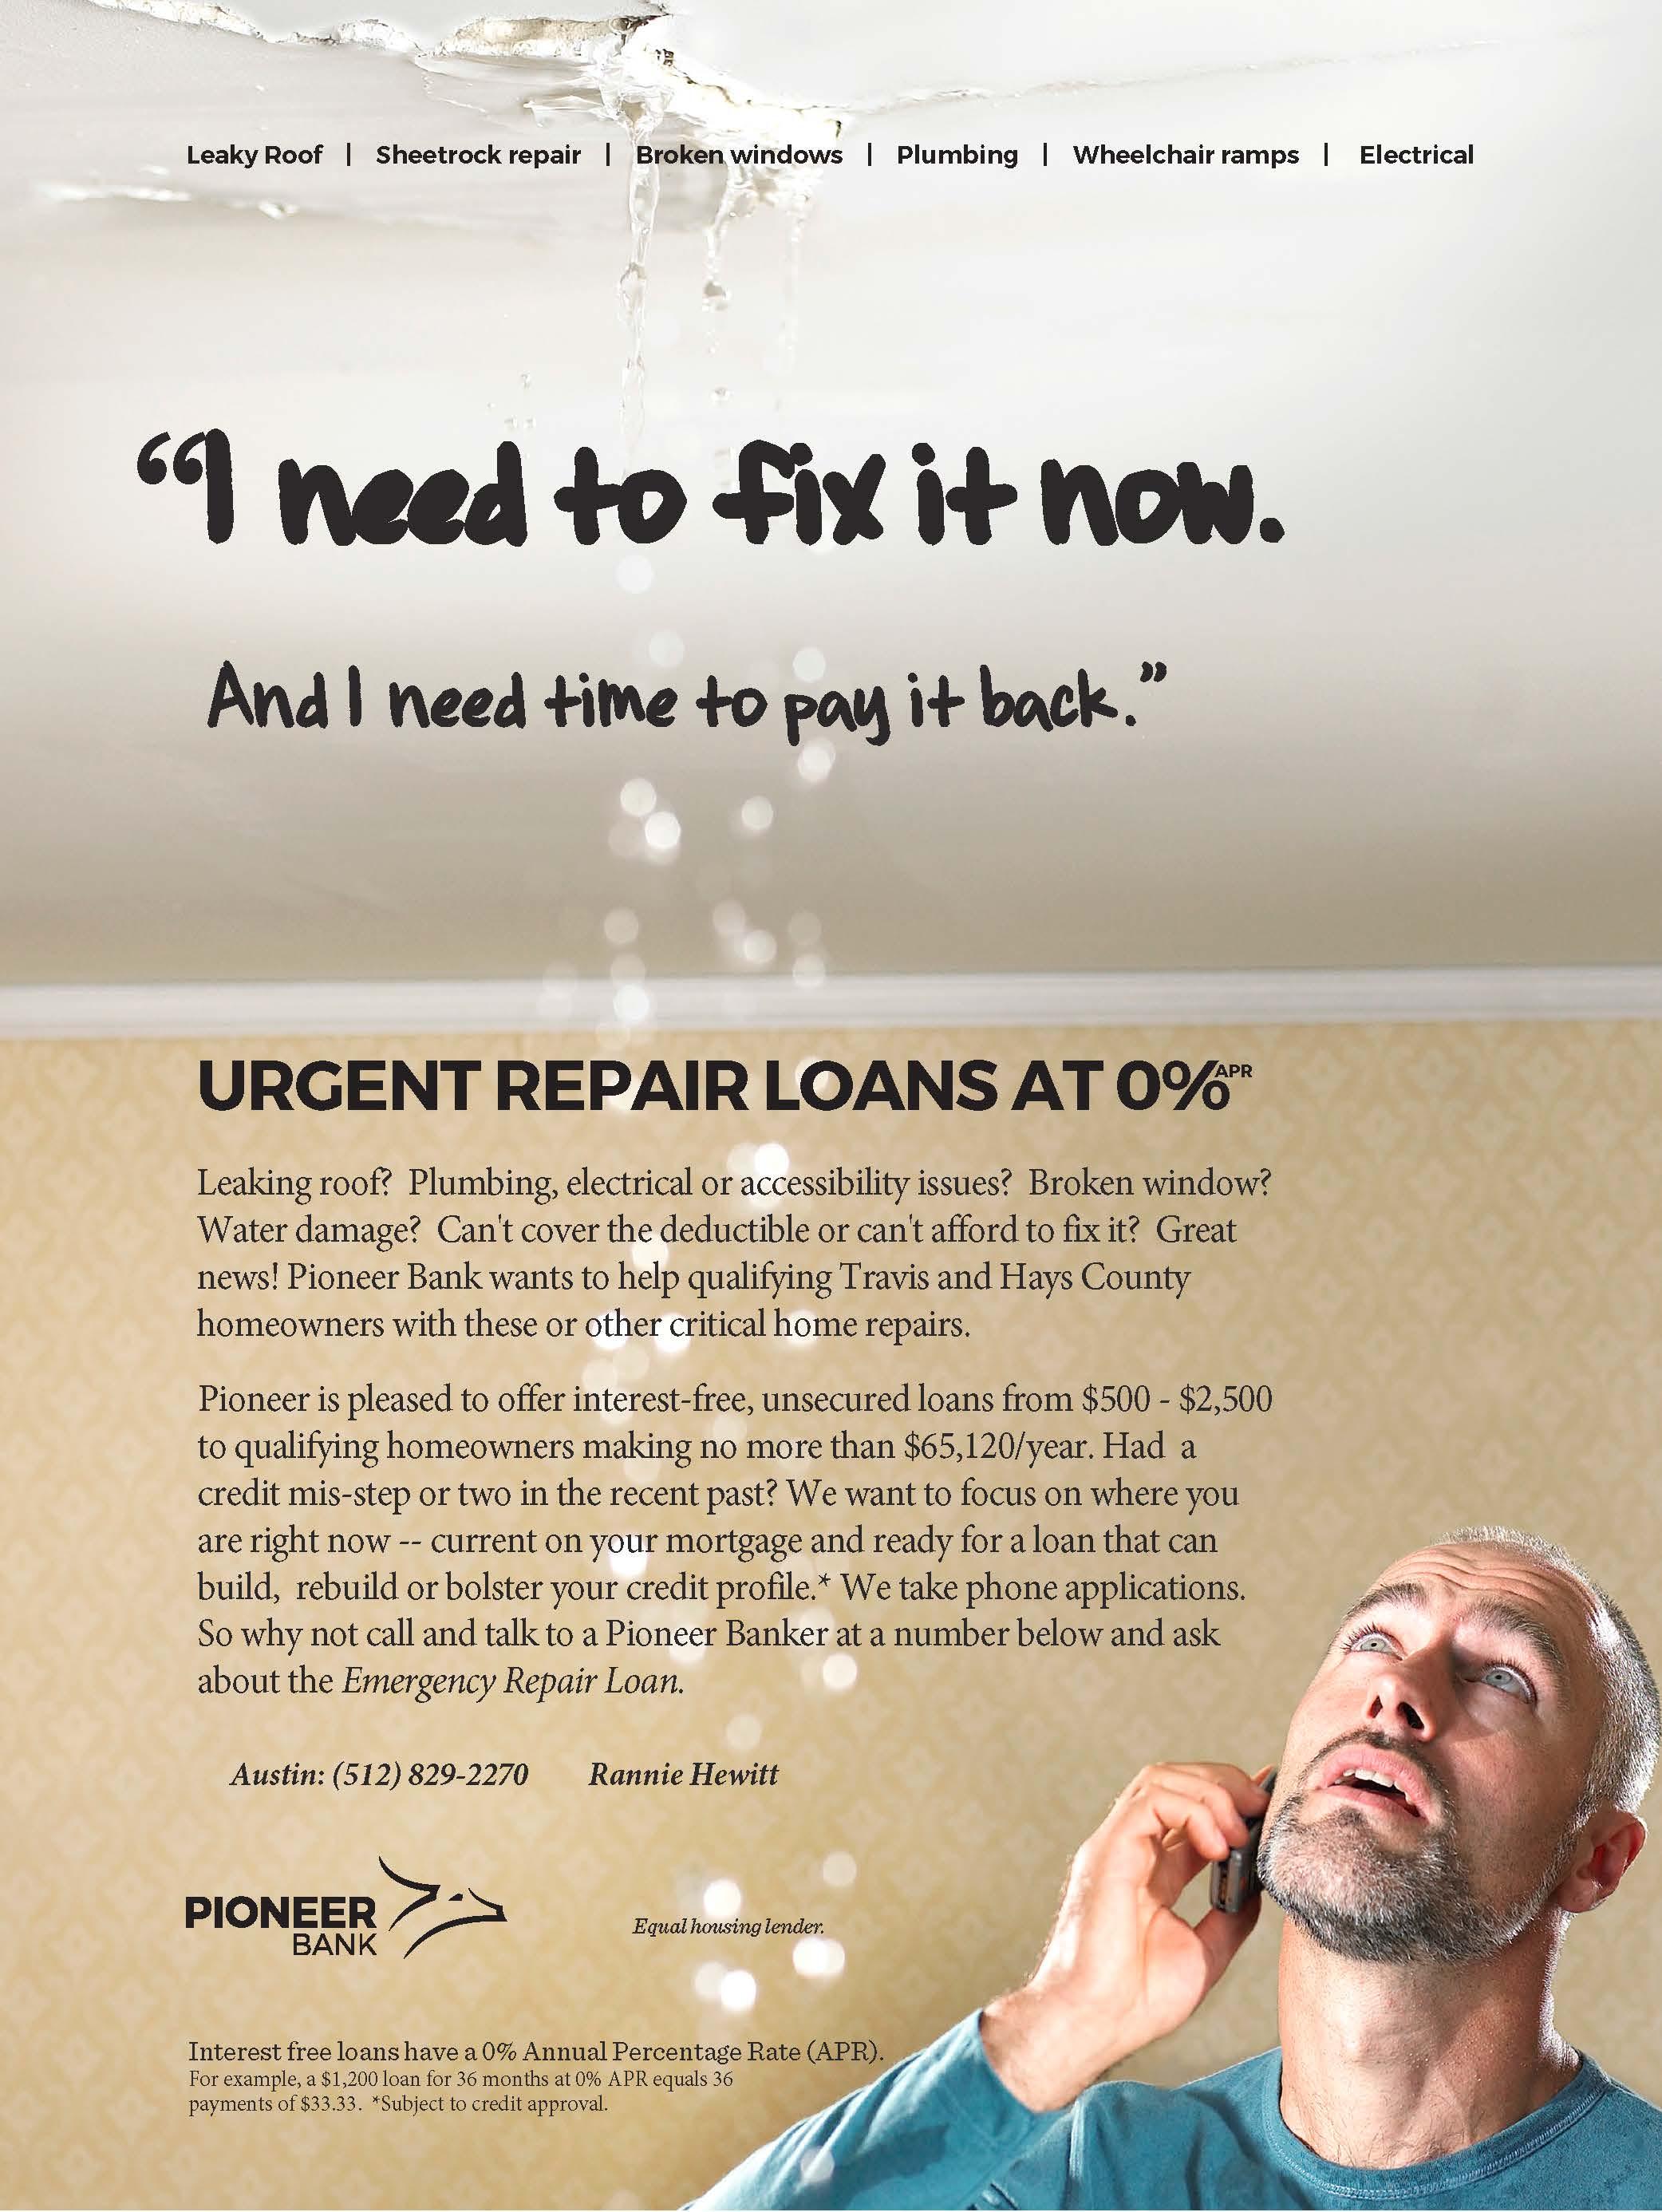 Cash loans 21502 photo 5